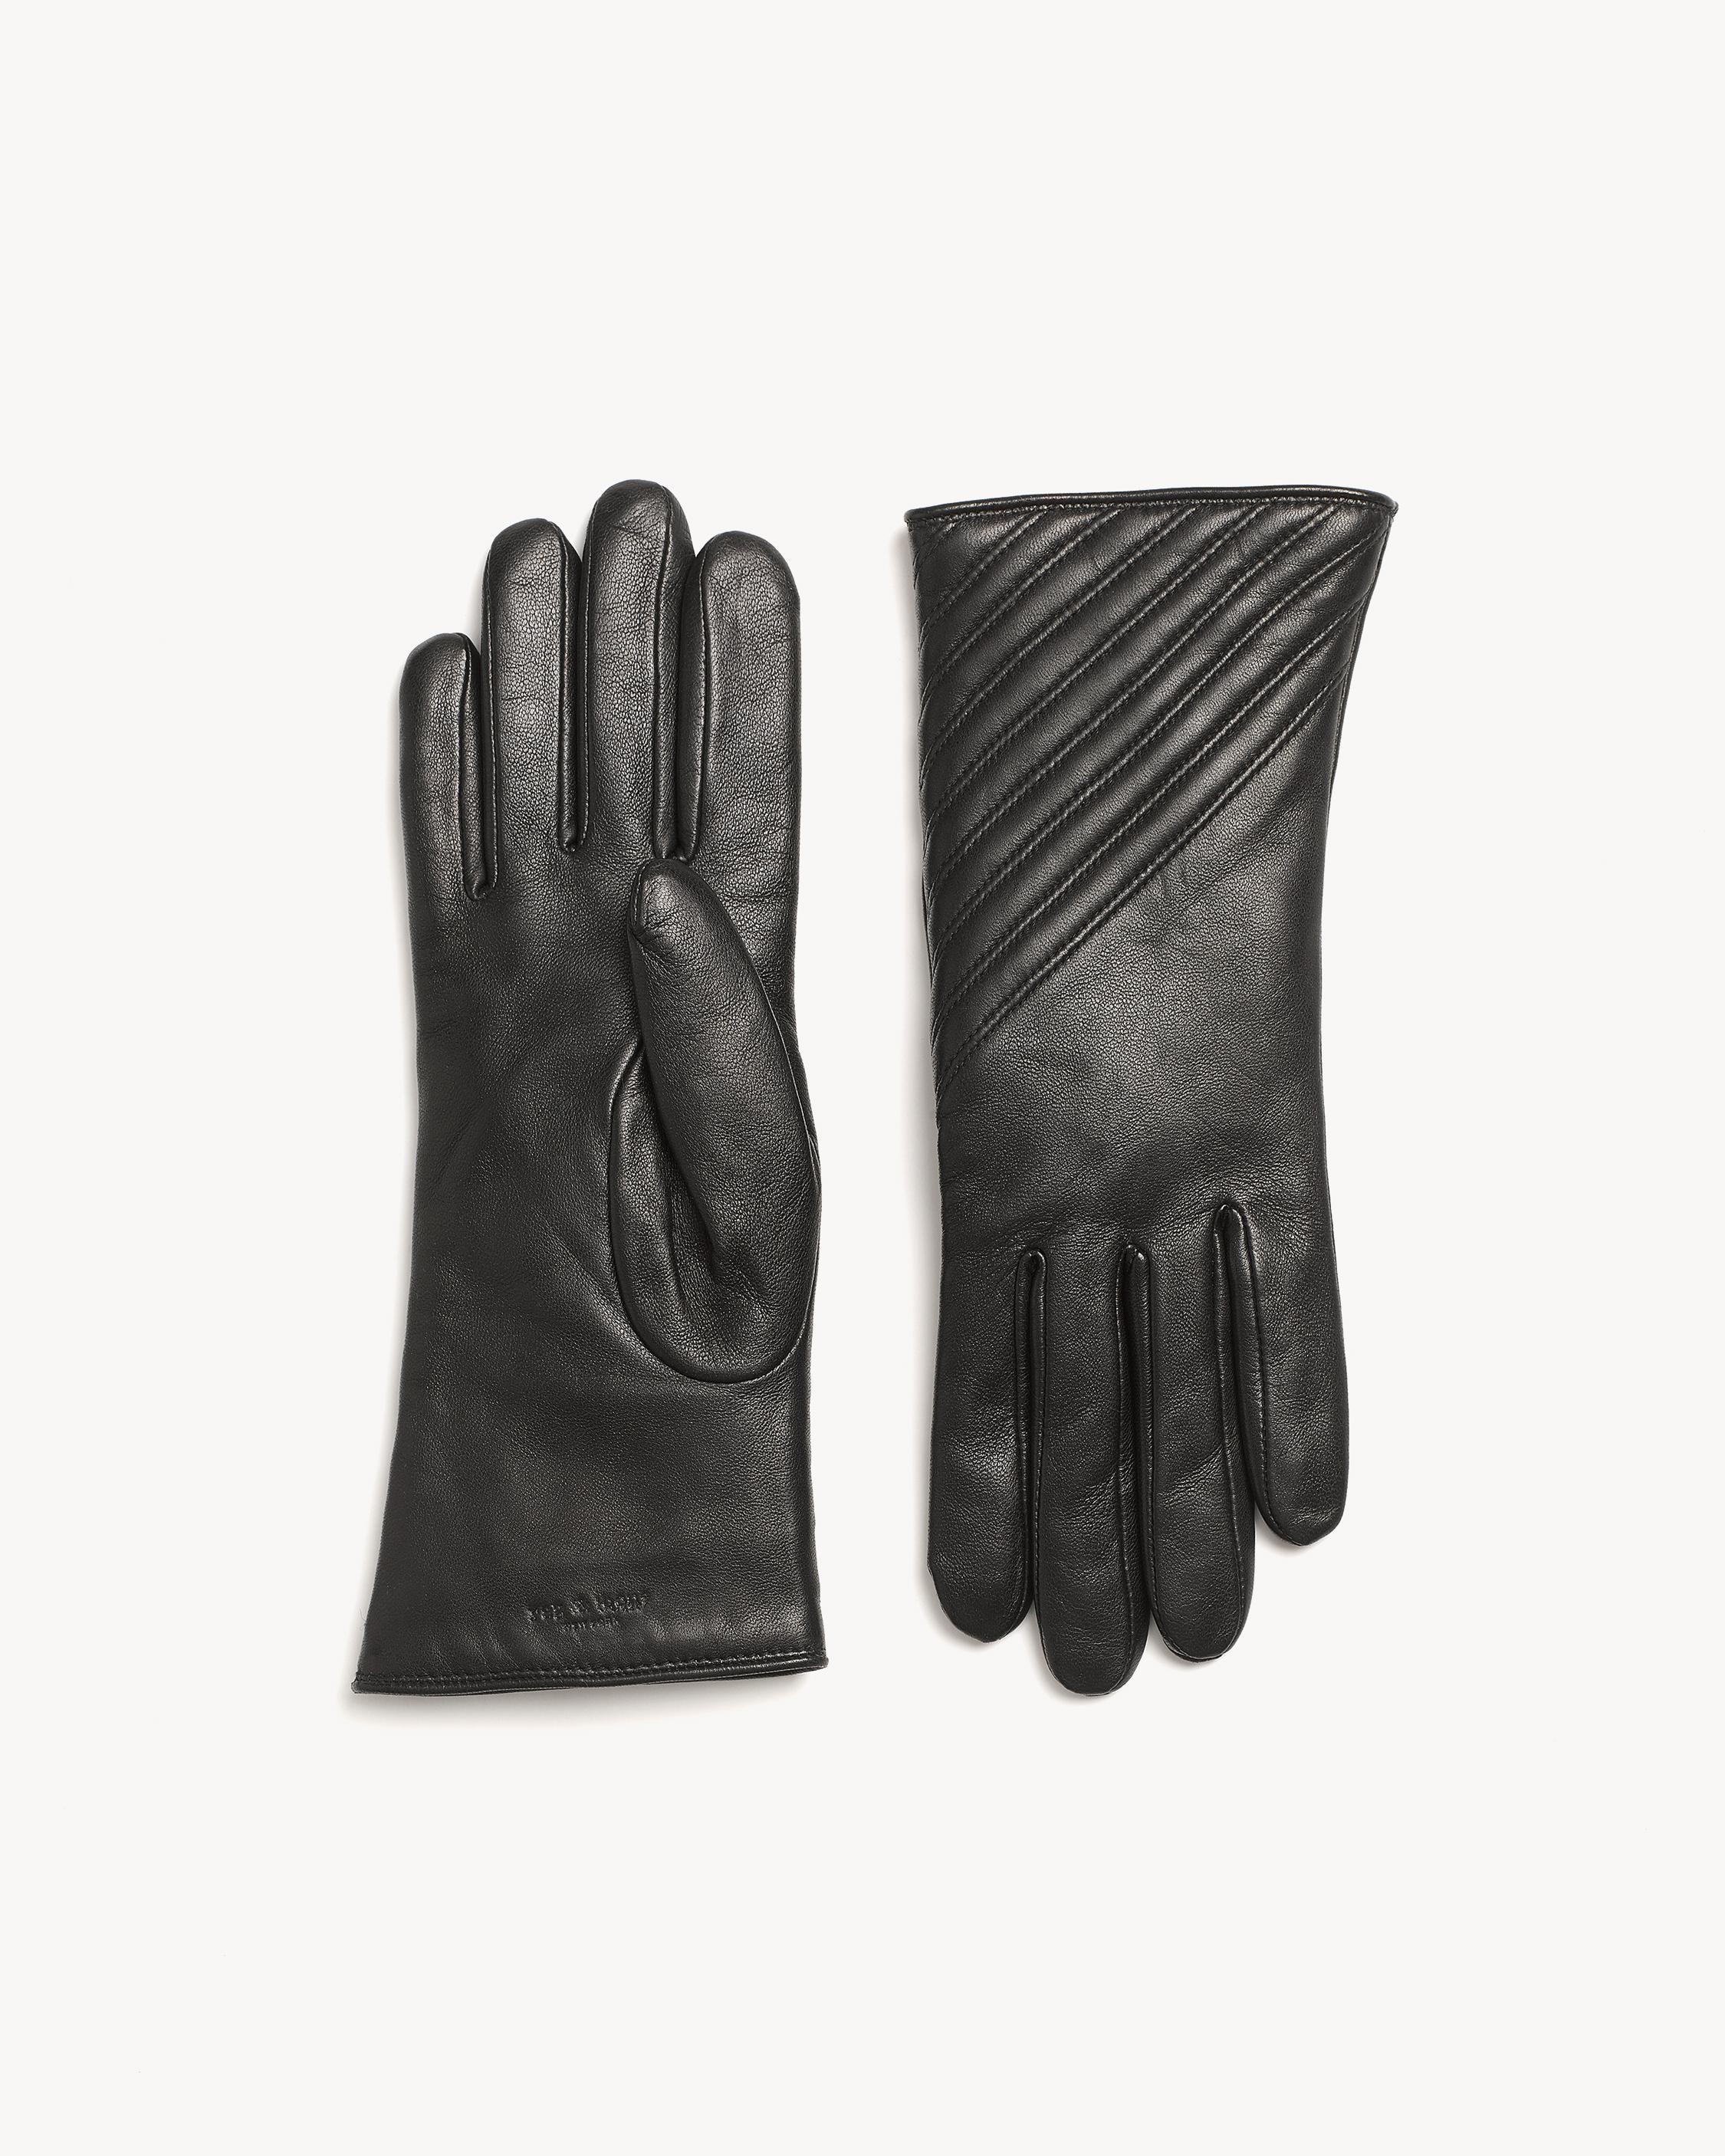 399e033c185 Leren handchoenen zwart | Products